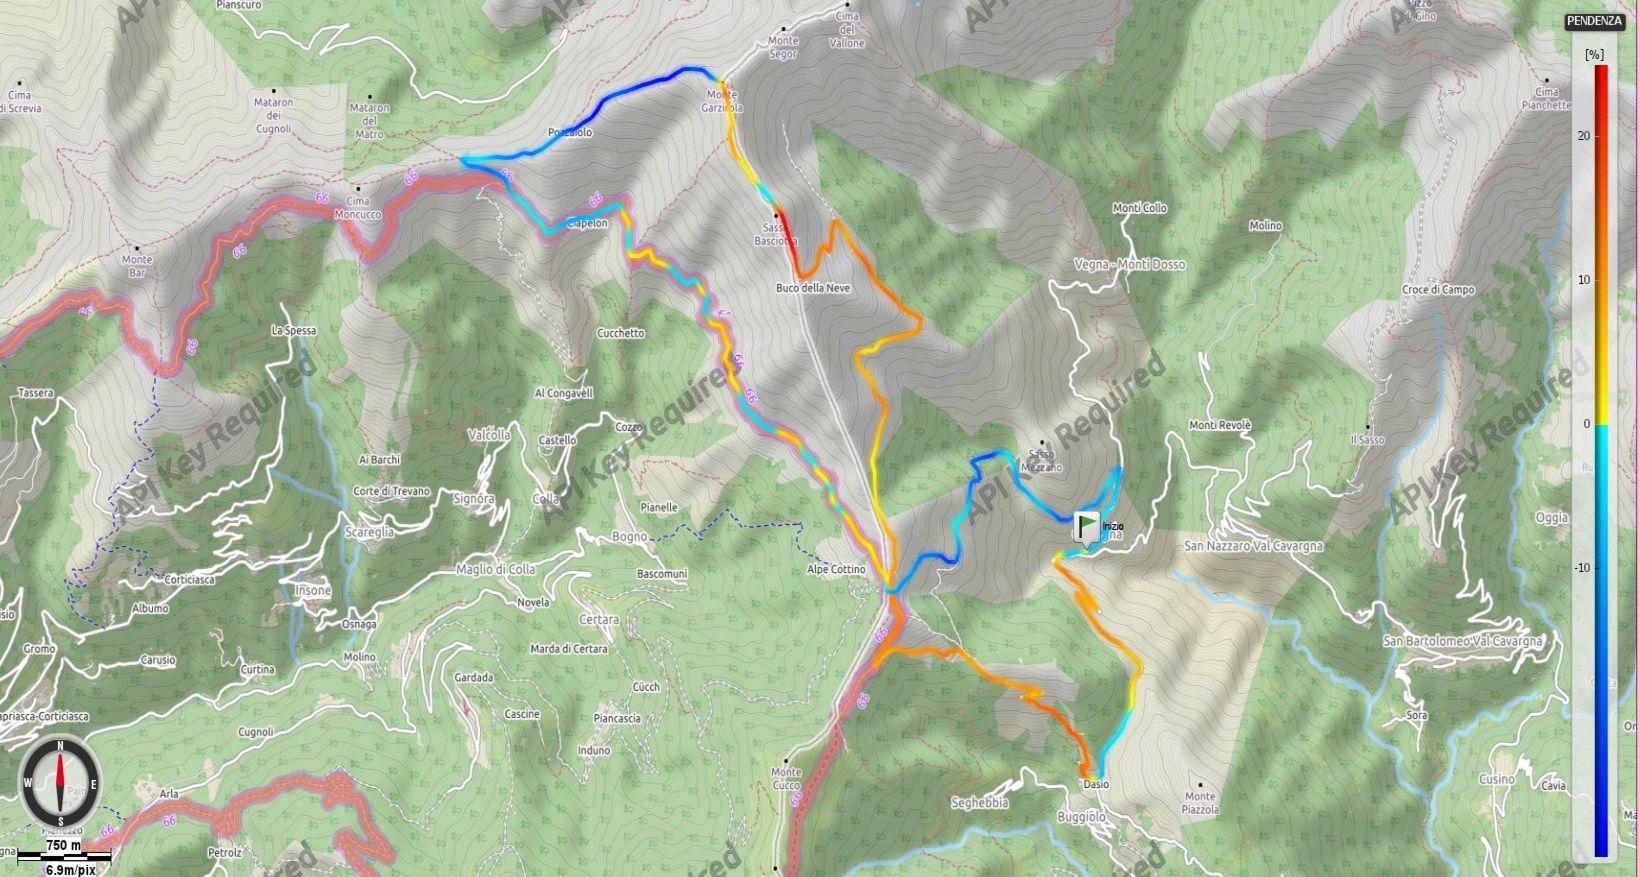 Monte Gazzirola salita dalla Val Cavargna - Pendenze